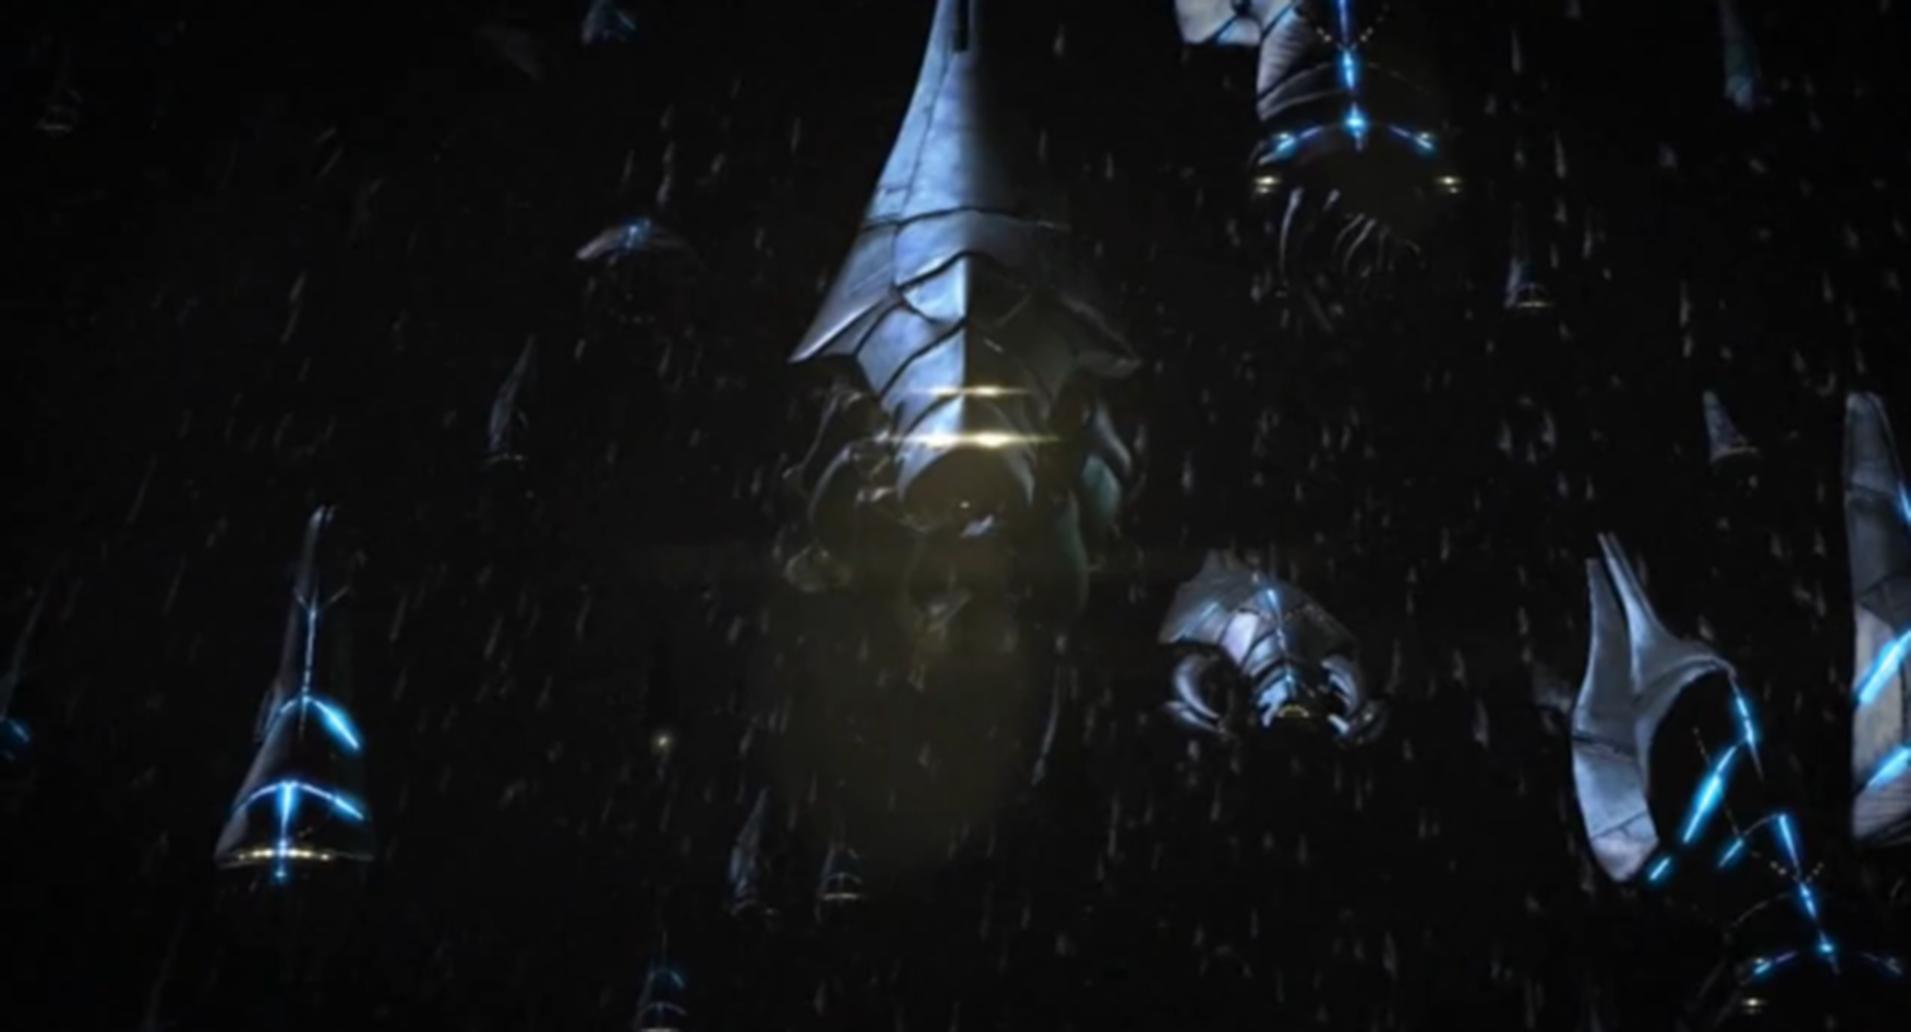 Reapers | Mass Effect Fan Fiction Wiki | FANDOM powered by ...